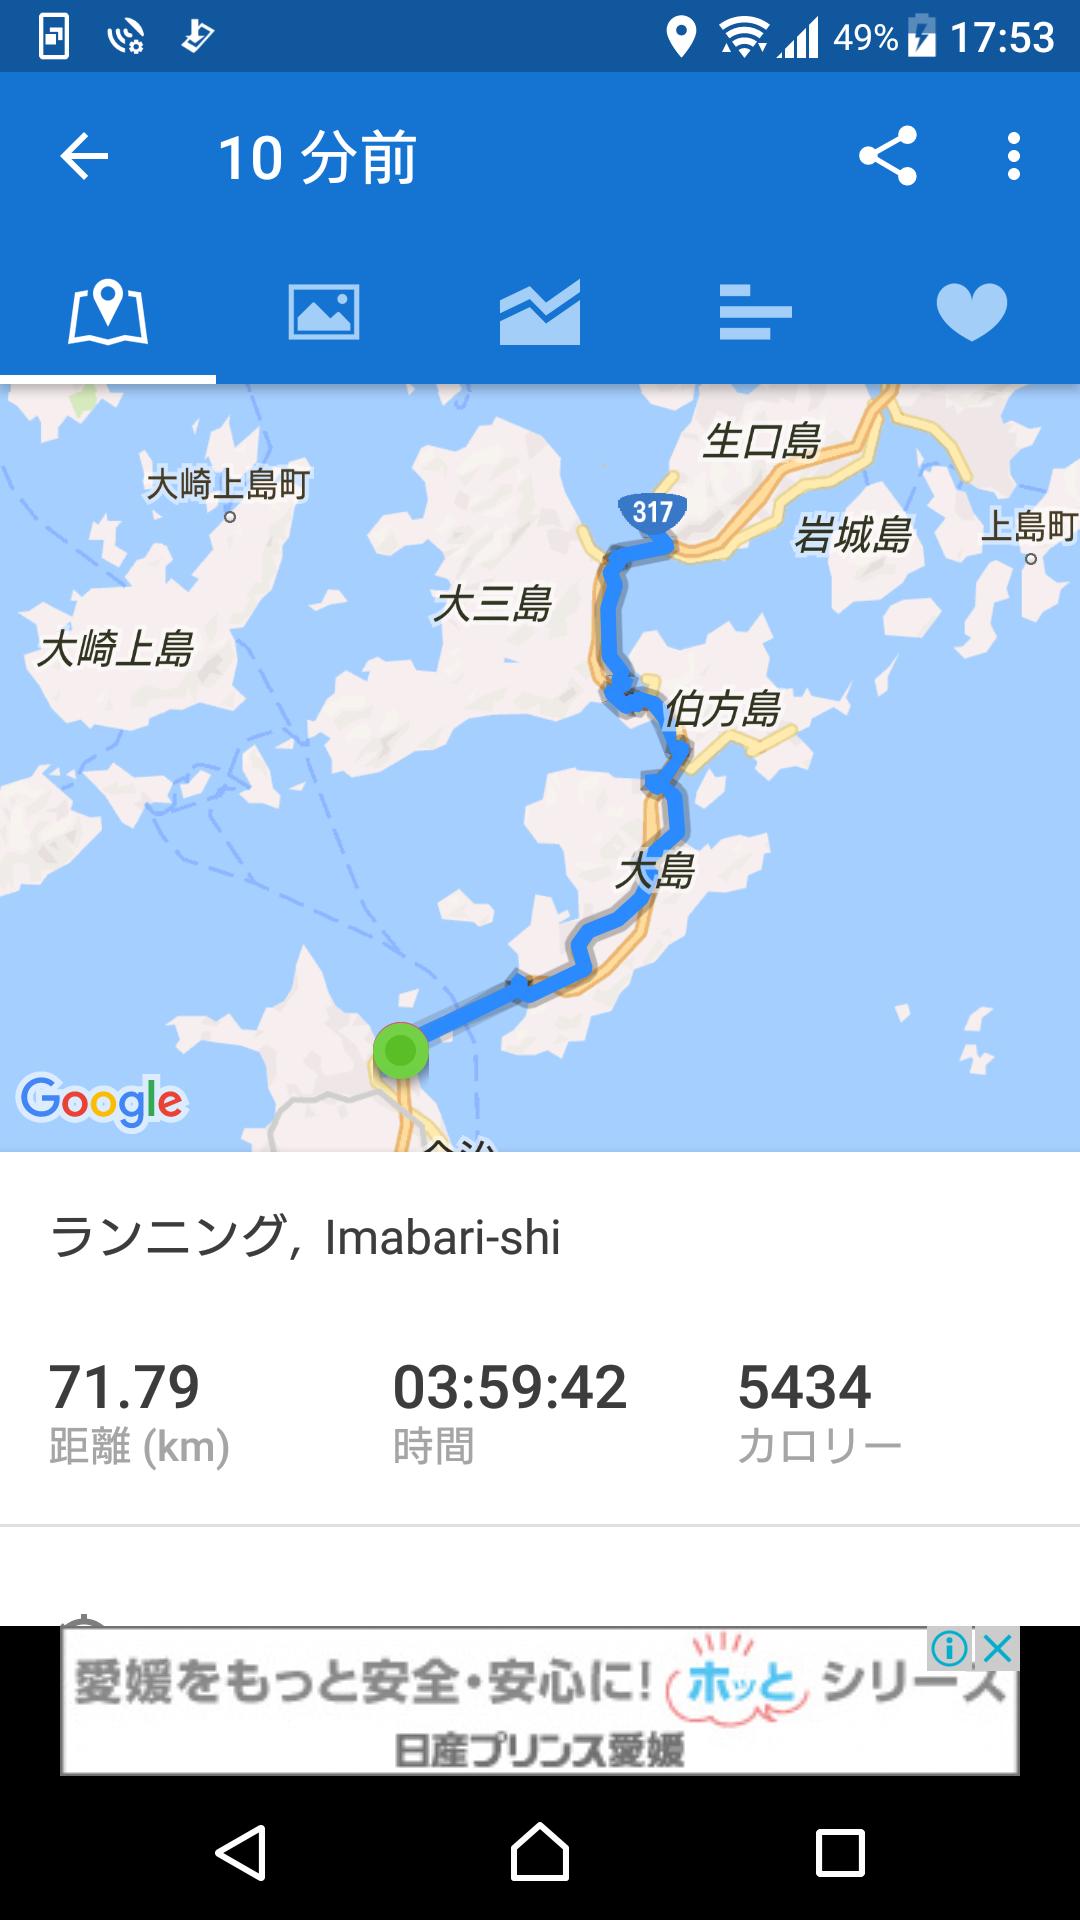 f:id:ynakayama27:20170916114447p:plain